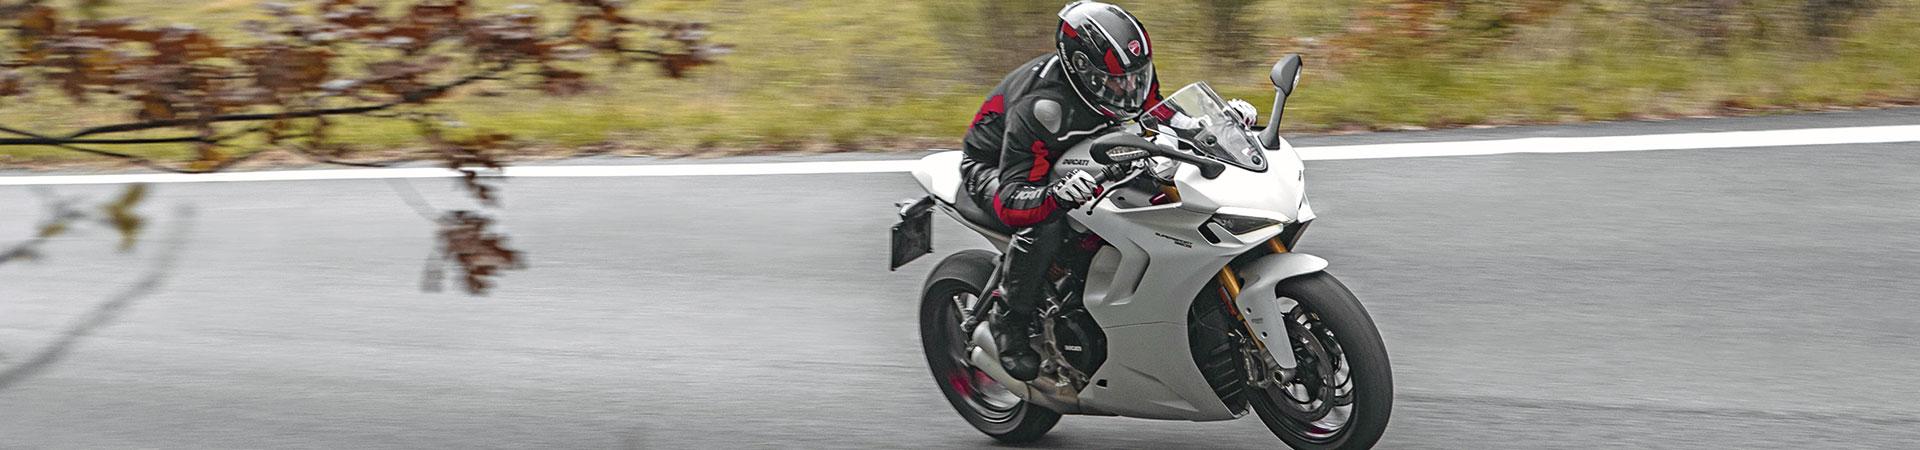 Titelbild-Ducati-Supersport-950S_28-07-2021_ee9b6